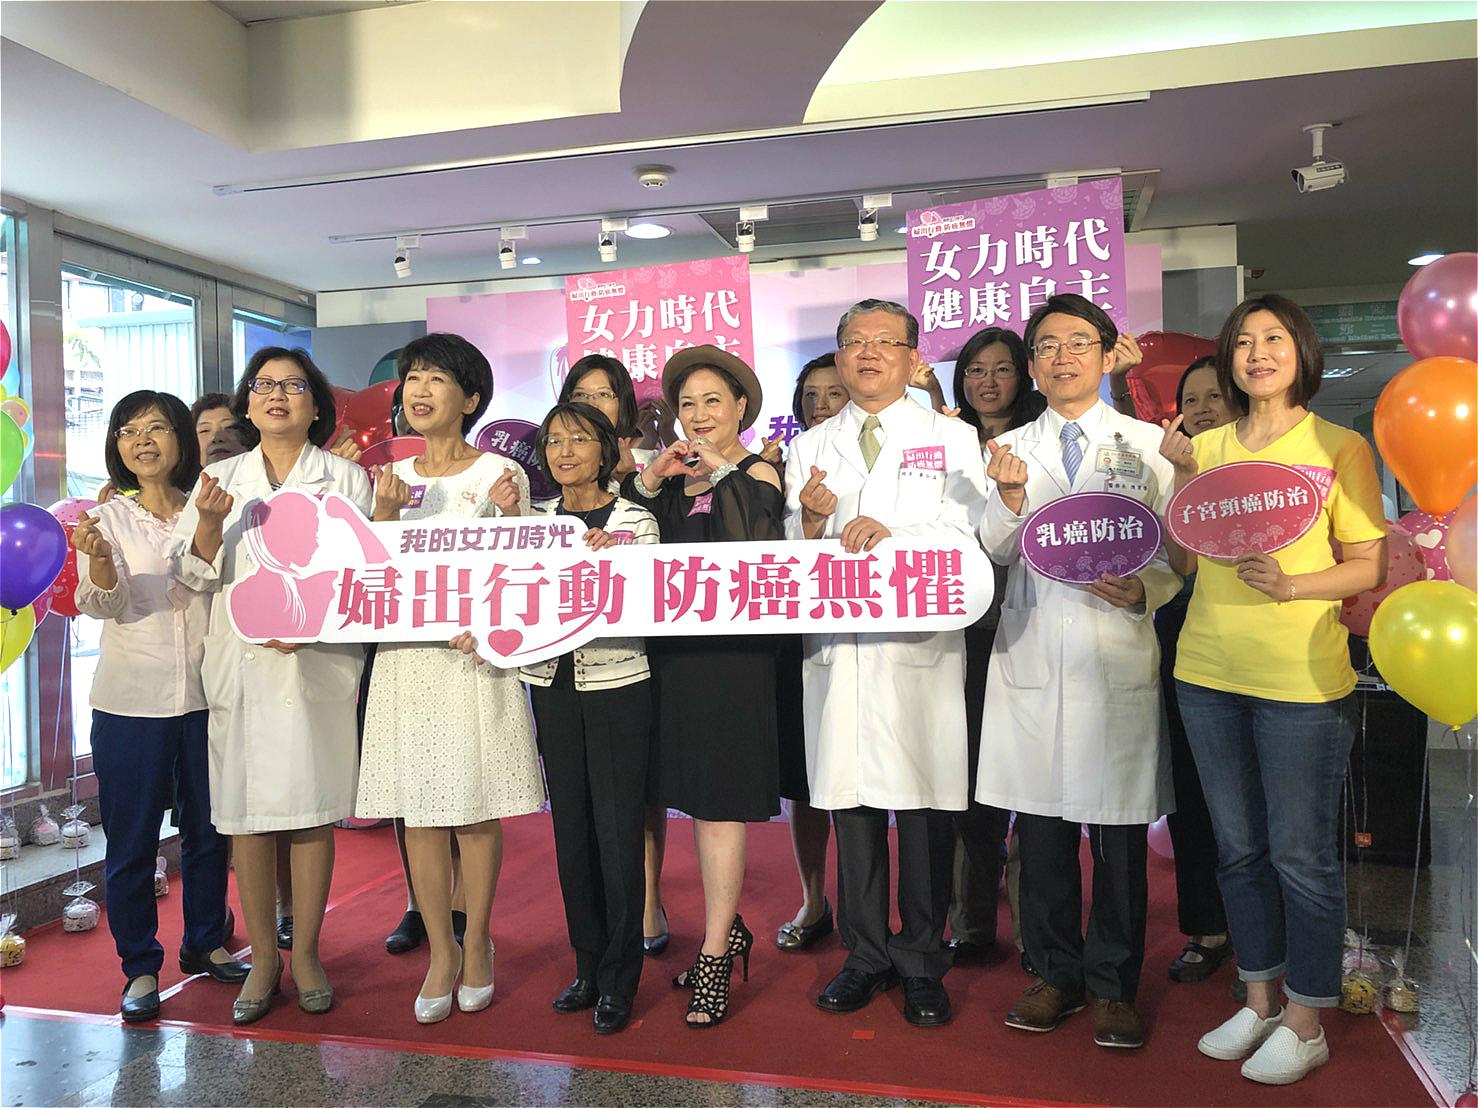 陳佩琪、邰肇玫現身力挺!乳癌、子宮頸癌要篩檢